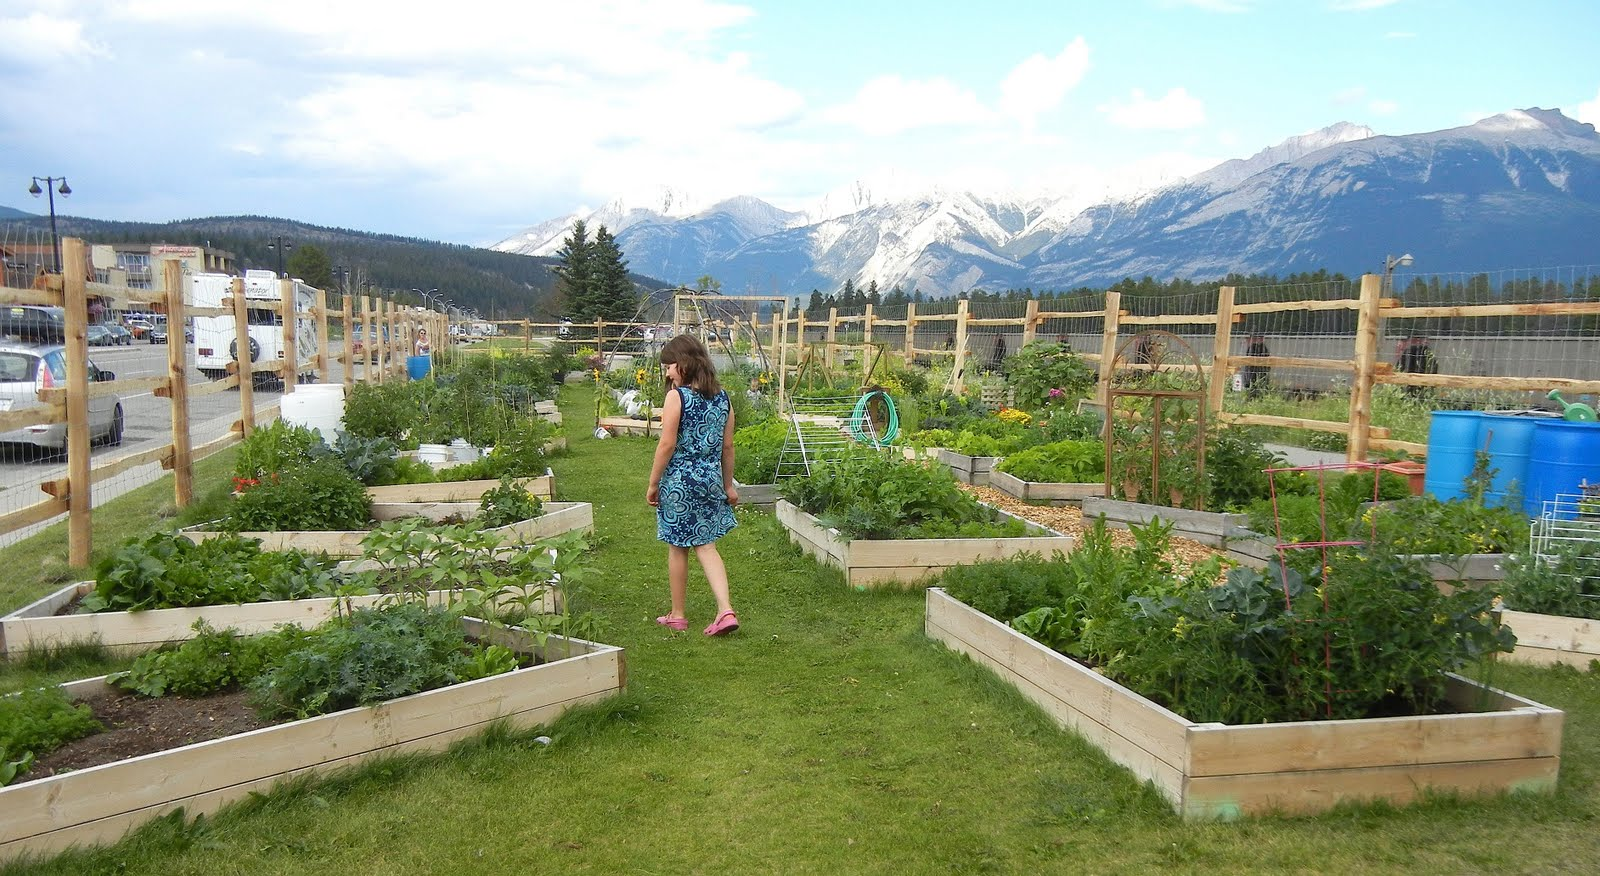 Pics For Community Vegetable Gardens